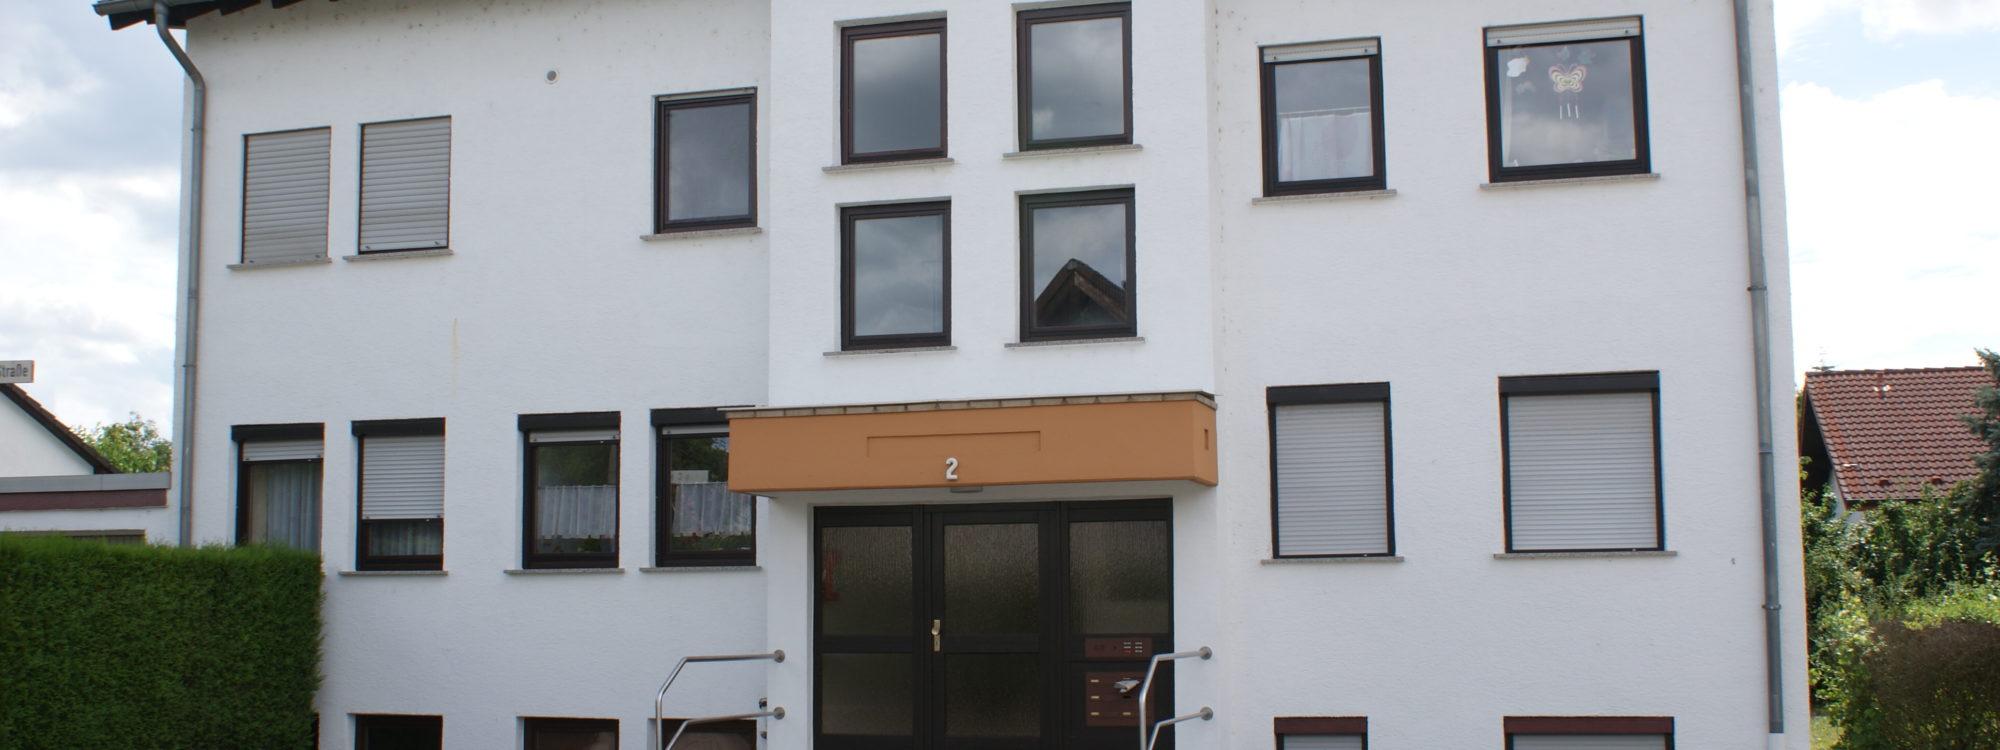 Schicke, helle Maisonetten-Wohnung in ruhiger Lage